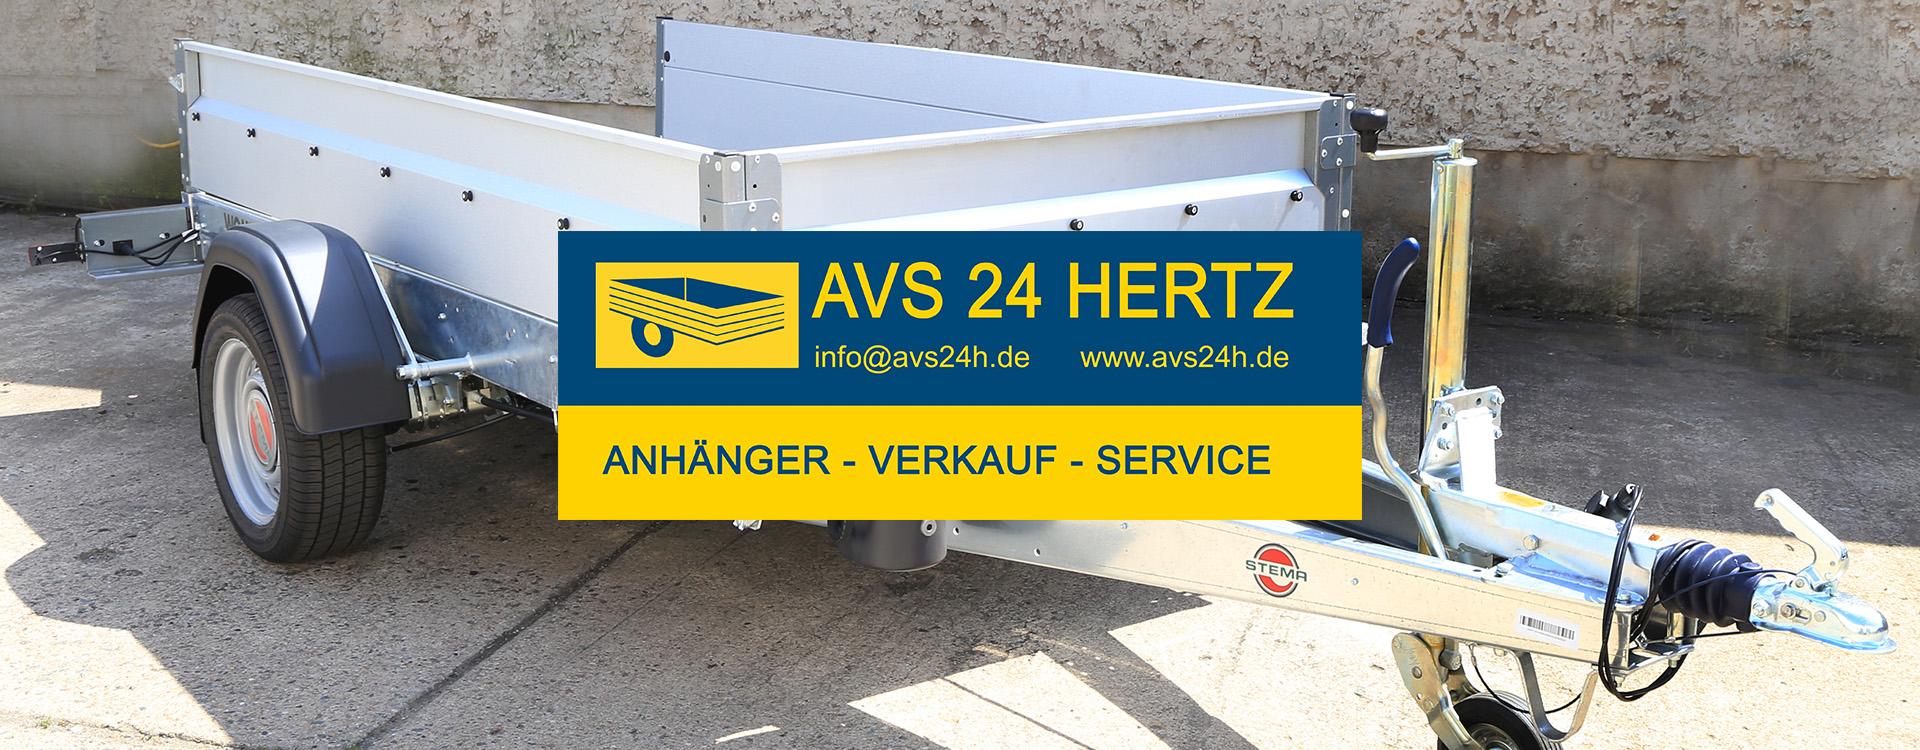 AVS 24H HERTZ - ANHÄNGER - SERVICE - VERKAUF